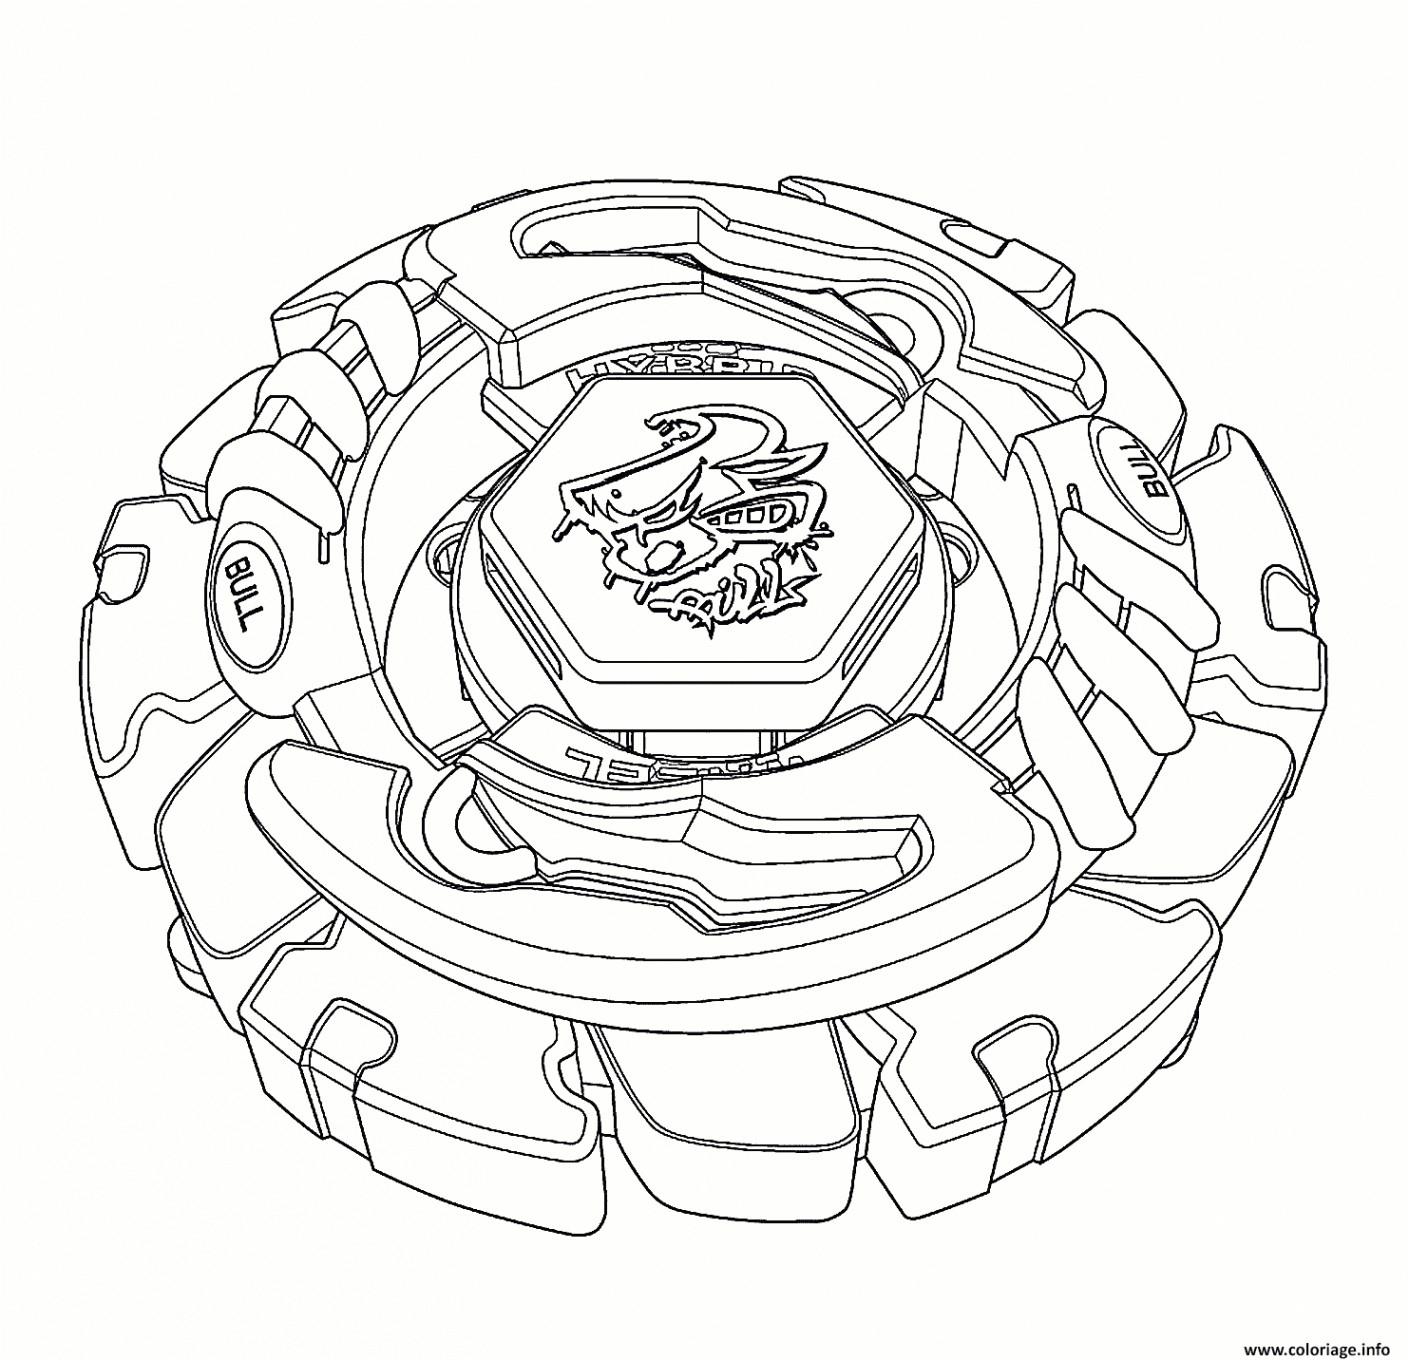 Coloriage Toupie Beyblade Burst Turbo | Danieguto tout Coloriage Beyblade Burst Turbo